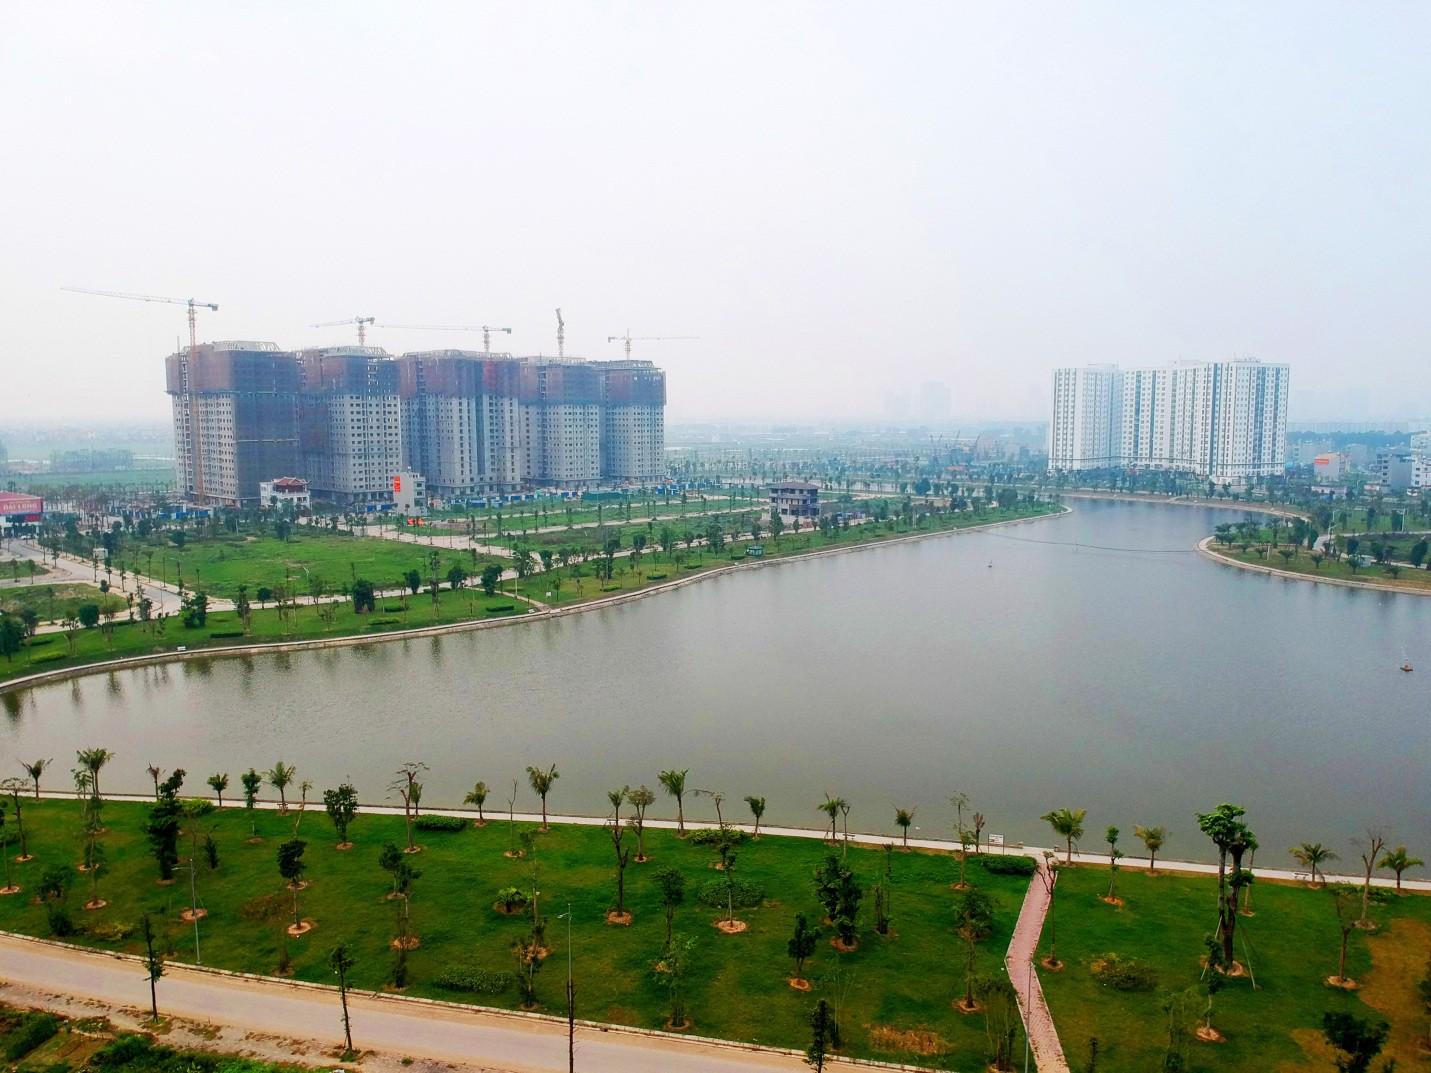 Tập đoàn Mường Thanh xuất sắc nhận giải thưởng Quy hoạch Đô thị Quốc gia - Ảnh 6.